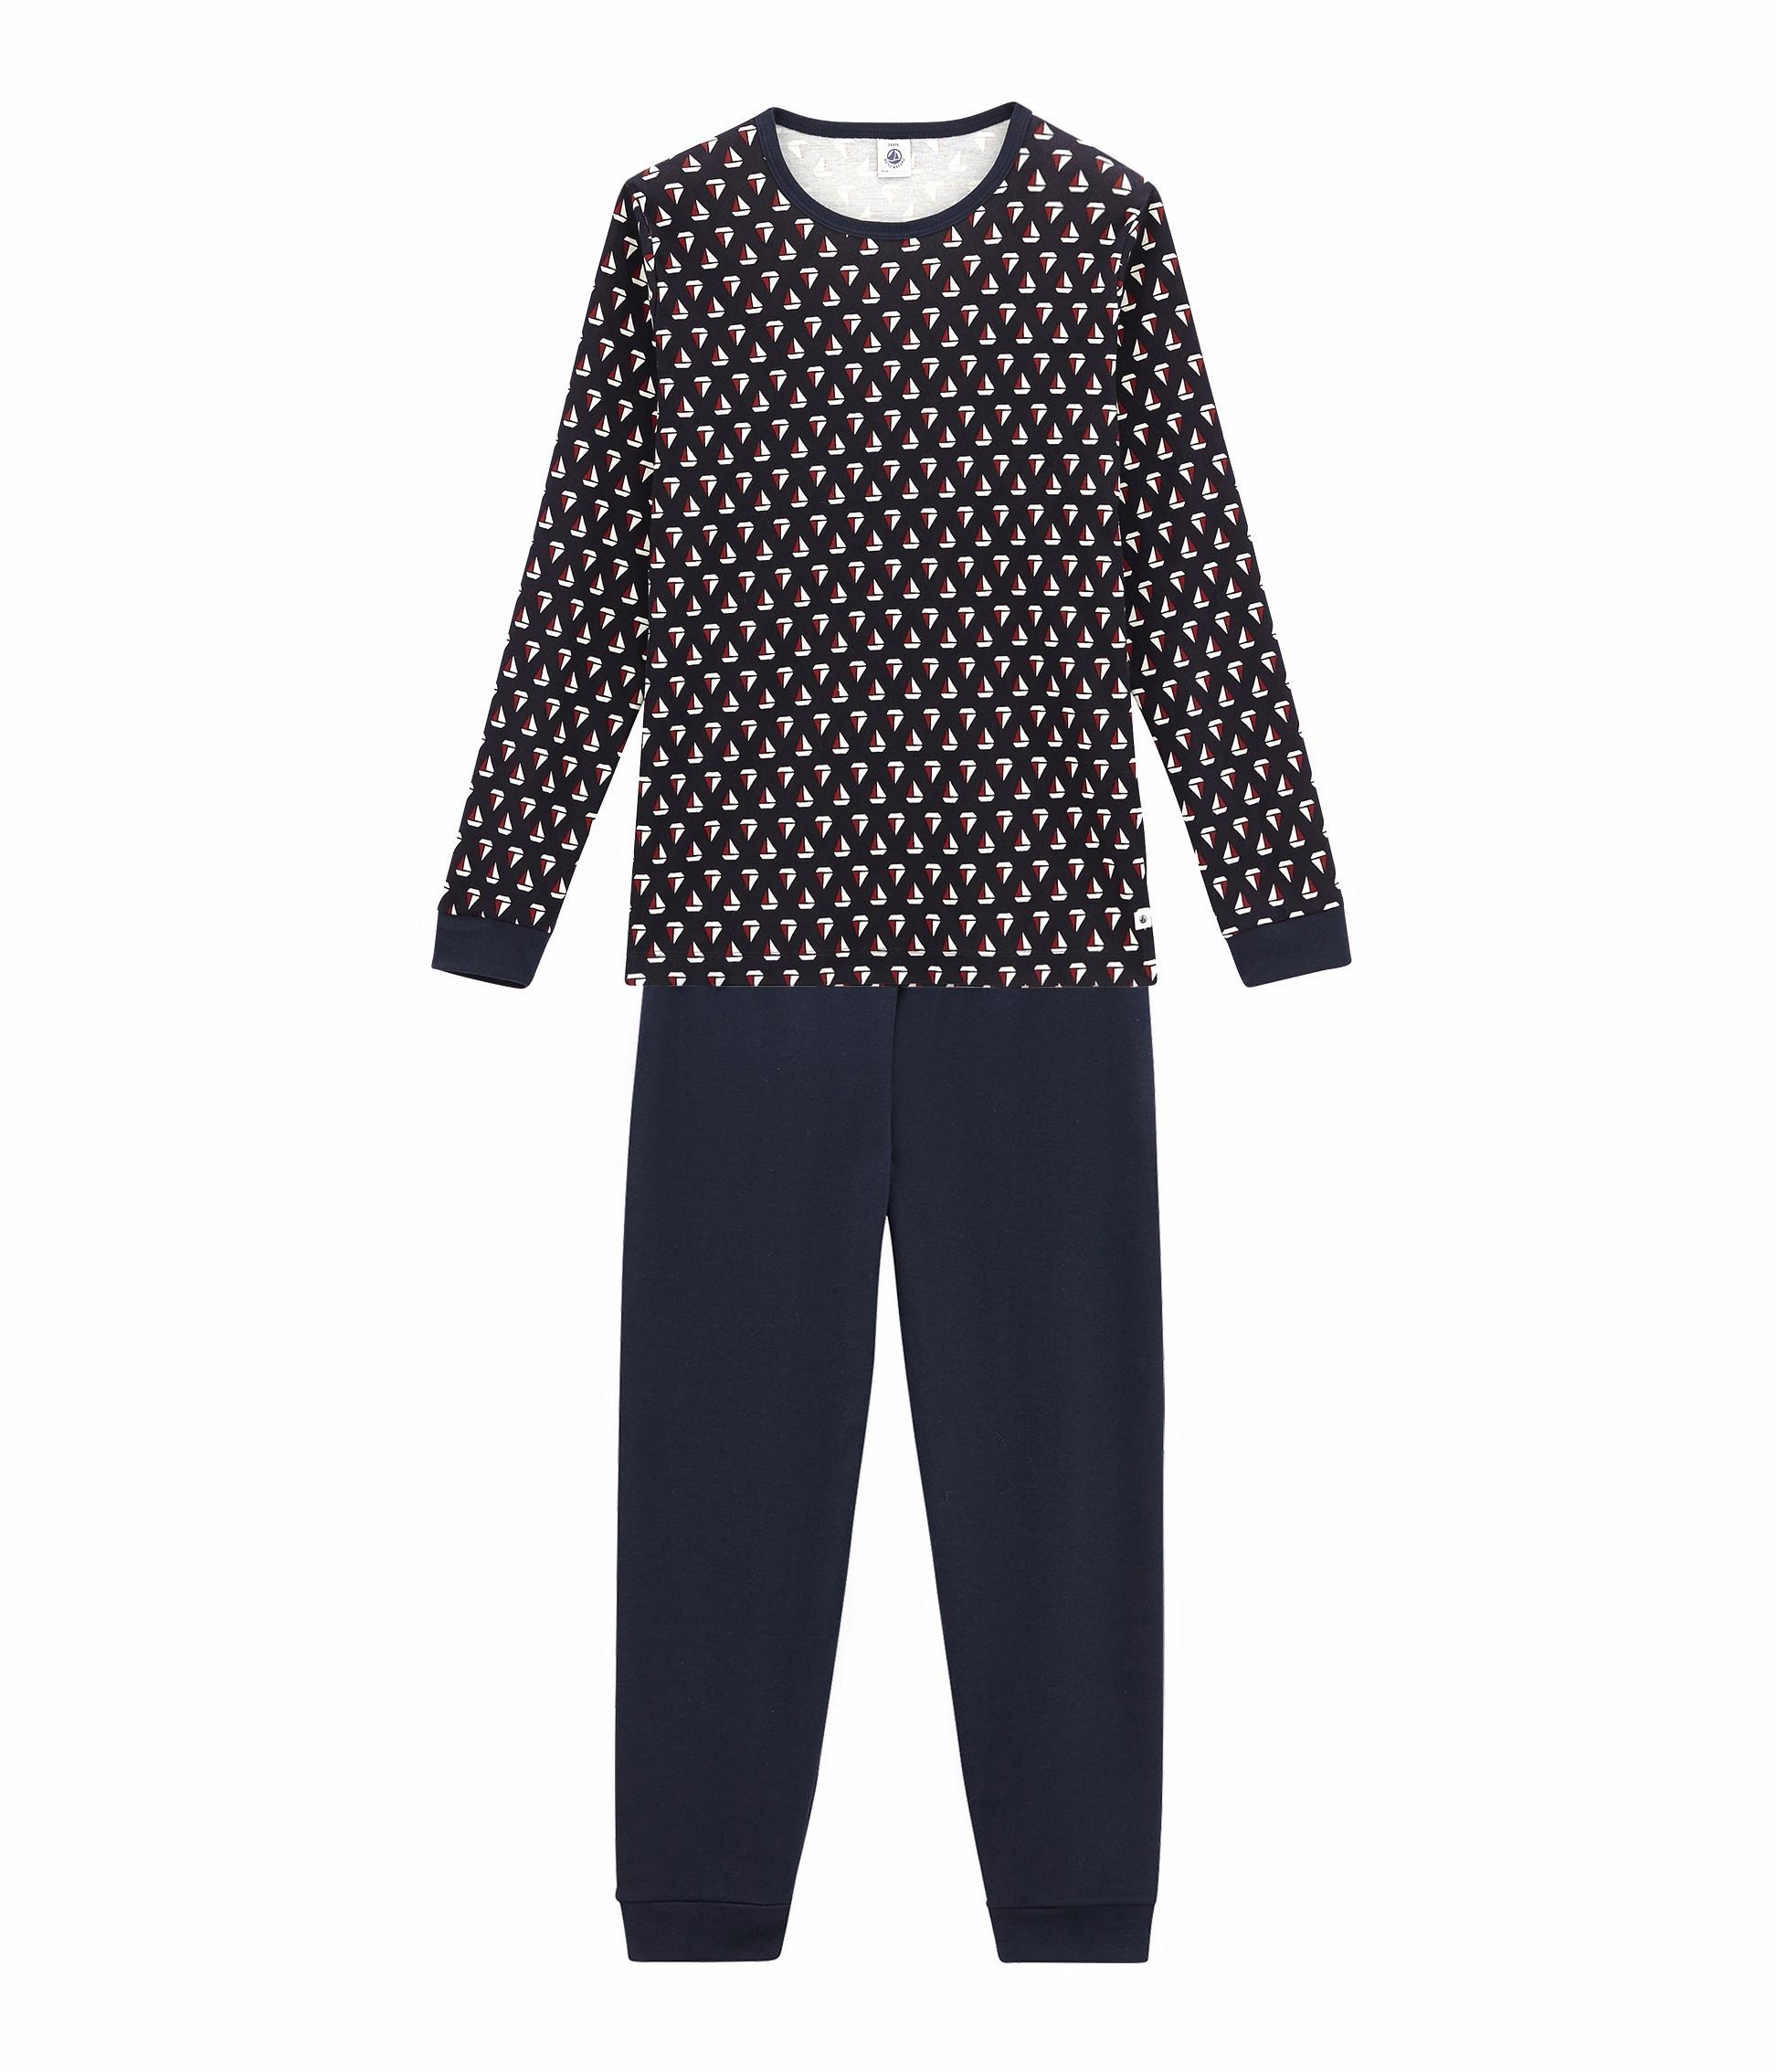 042179b21b261d Інтернет-магазин дитячого одягу :: Купити одяг для дітей Petit ...